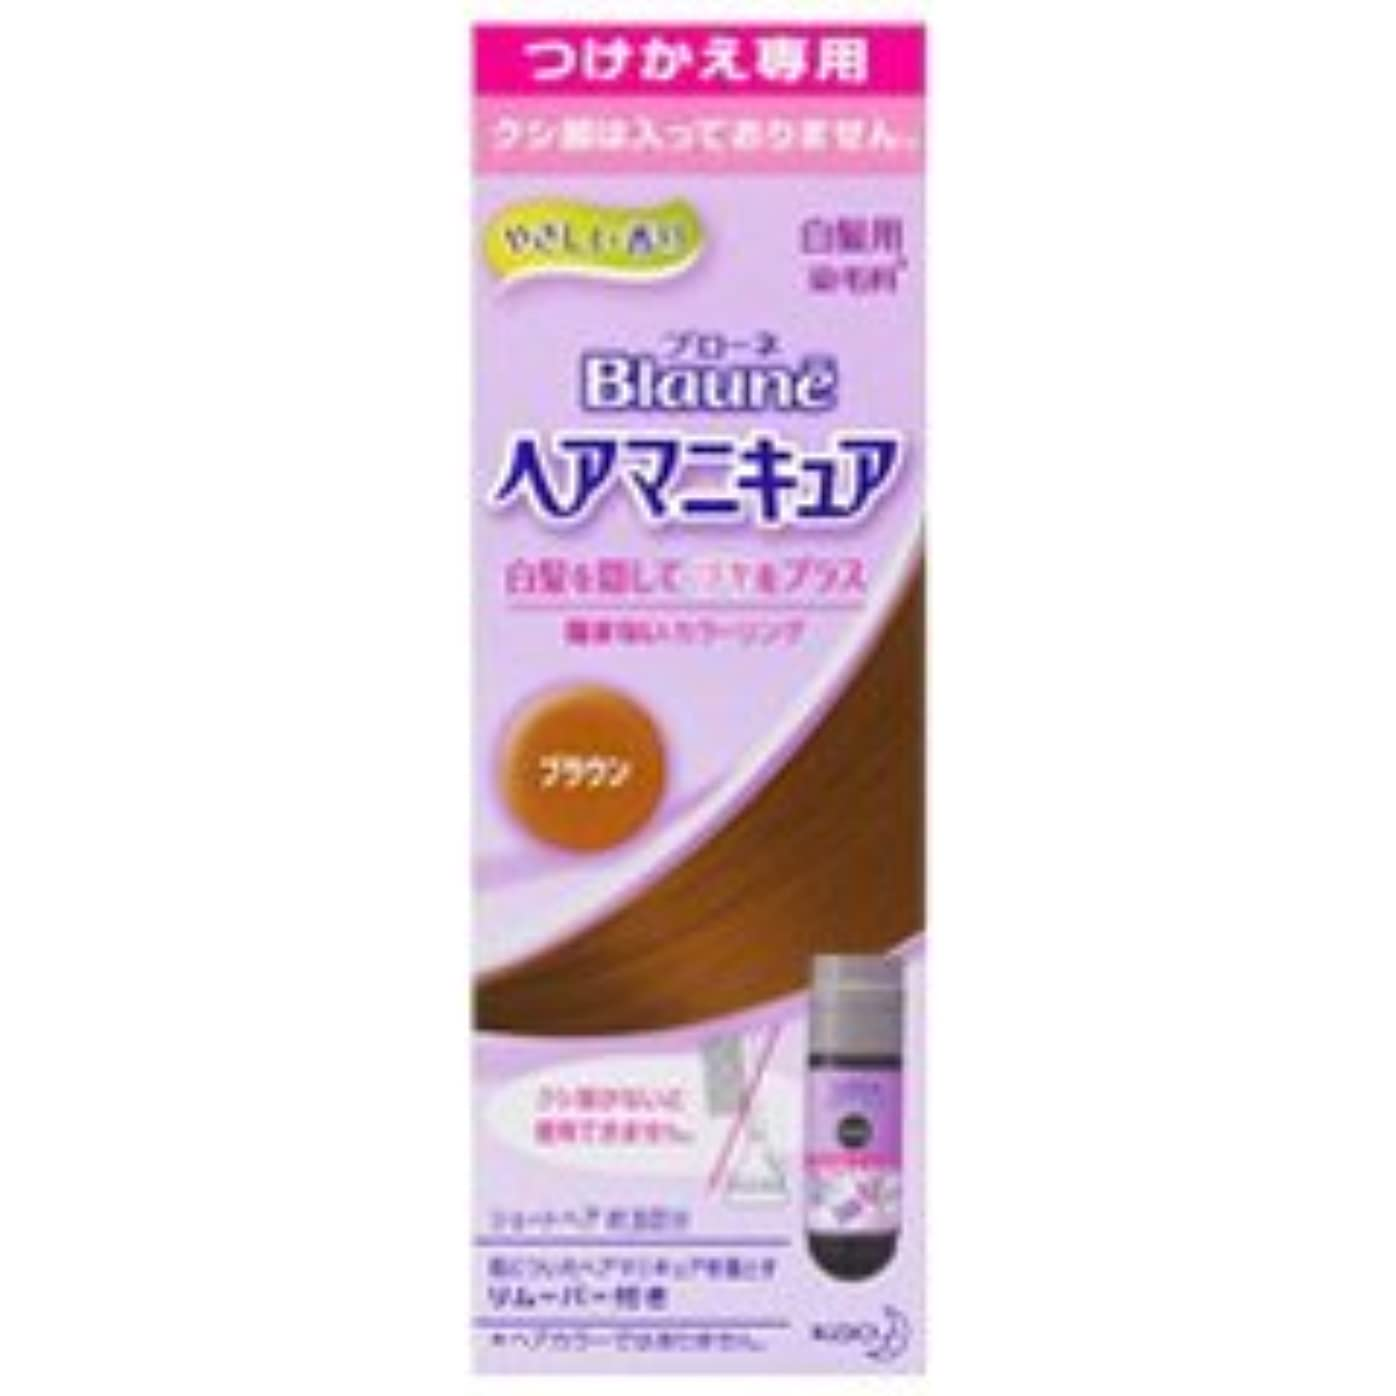 起きる無関心霜【花王】ブローネ ヘアマニキュア 白髪用つけかえ用ブラウン ×5個セット